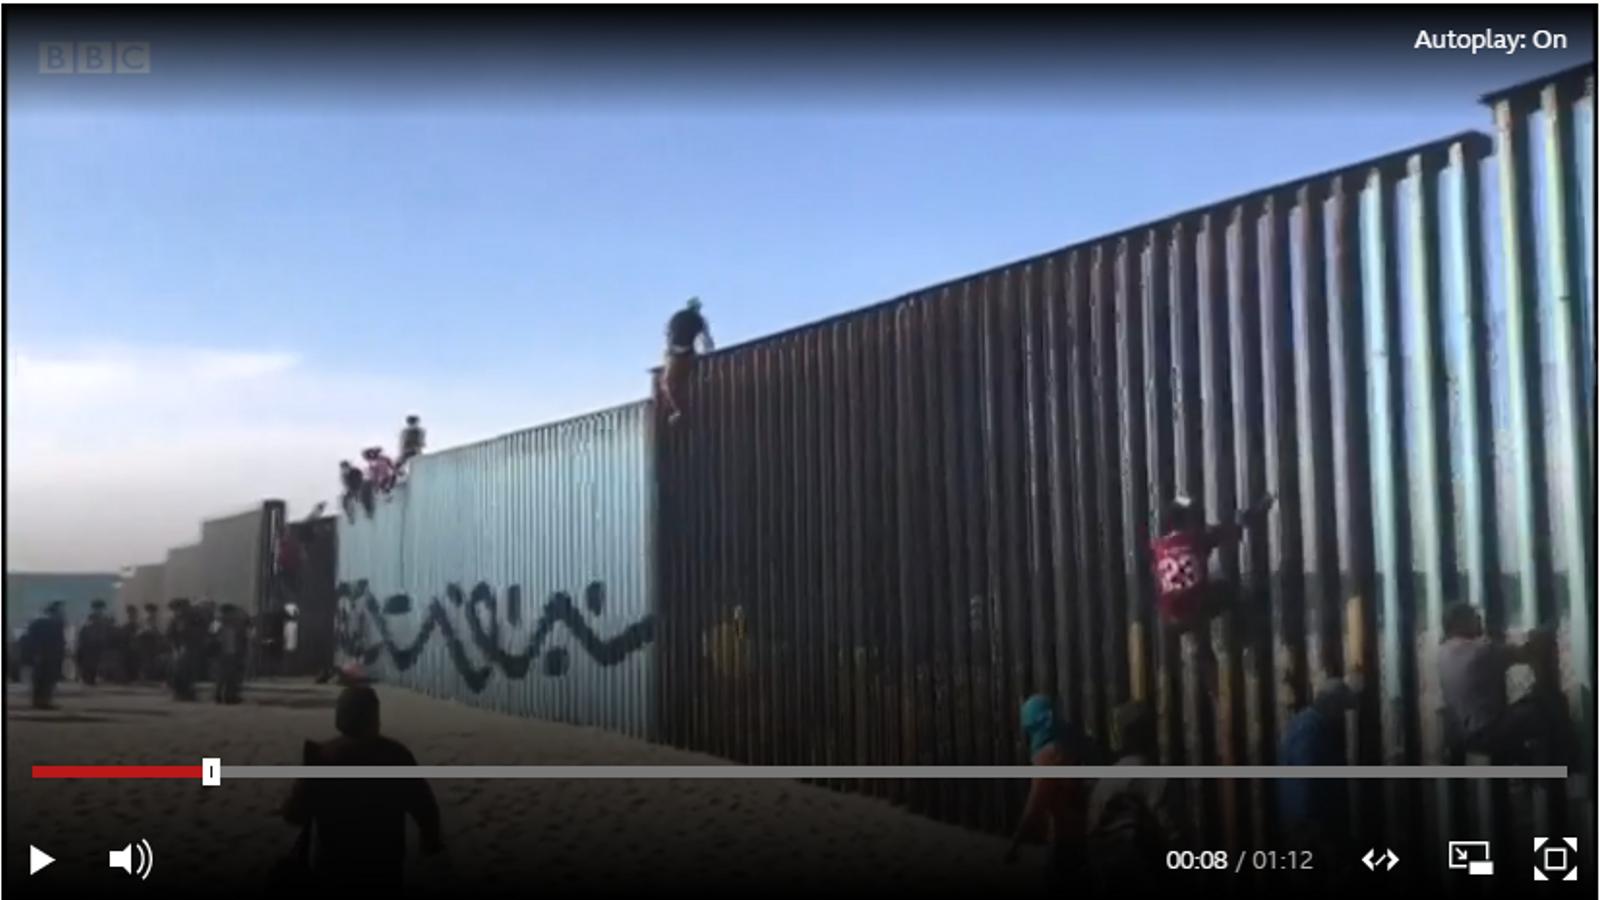 La caravana de migrants arriba a la frontera amb els Estats Units.